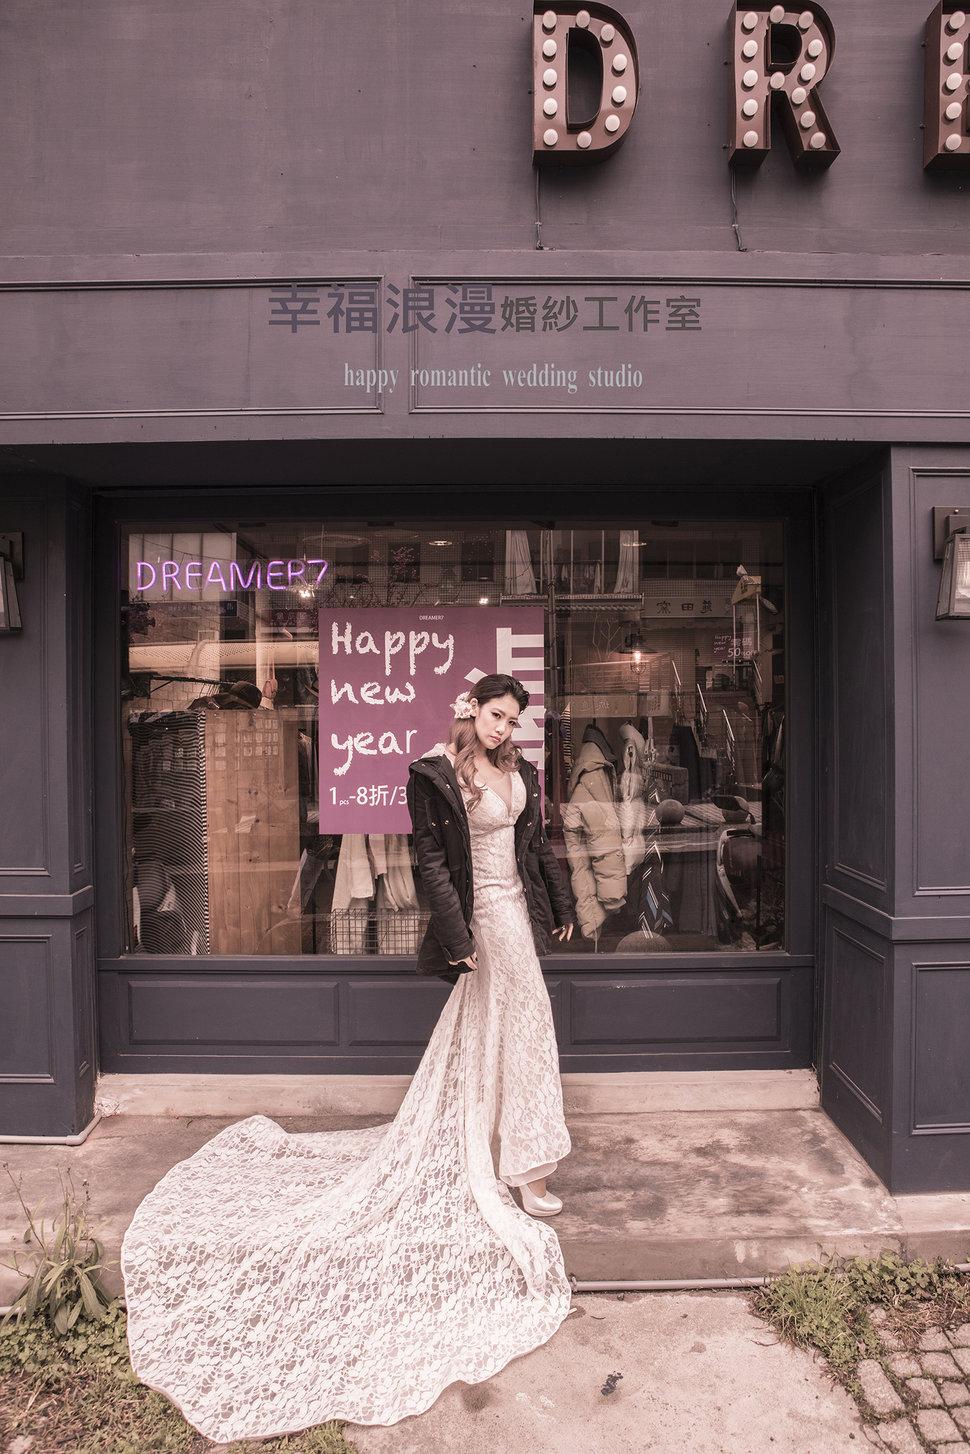 5G3A2440-1 - 幸福浪漫婚紗工作室 韓式婚紗攝影《結婚吧》